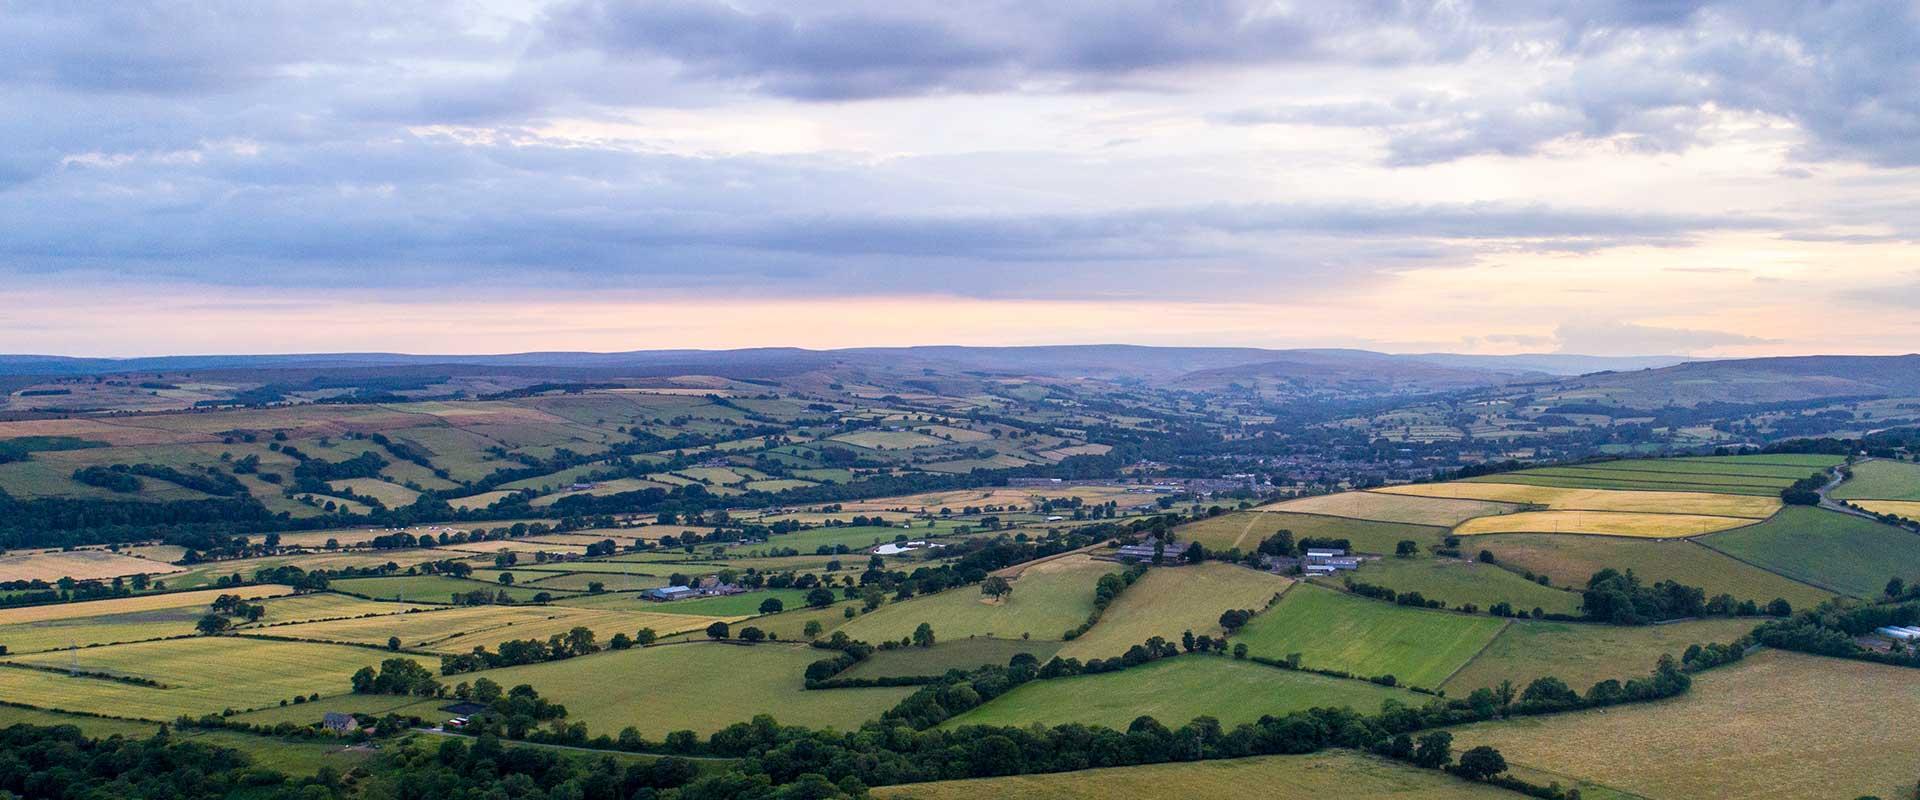 View of Wolsingham & Weardale